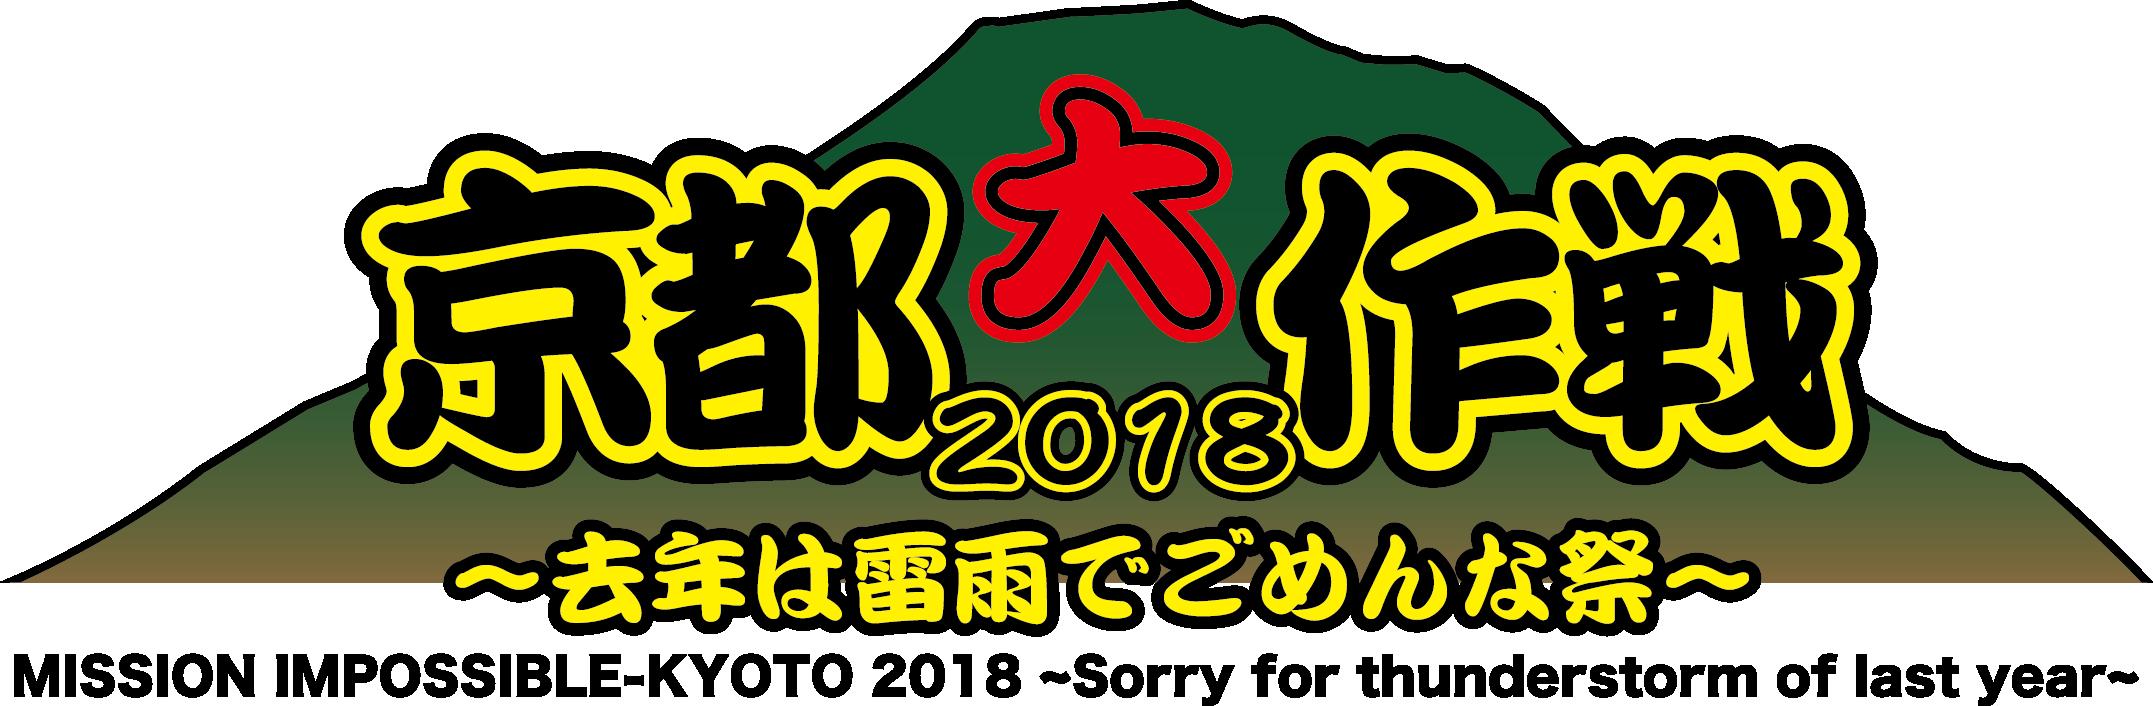 10-FEETが主催するイベント・京都大作戦、今年も開催が決定